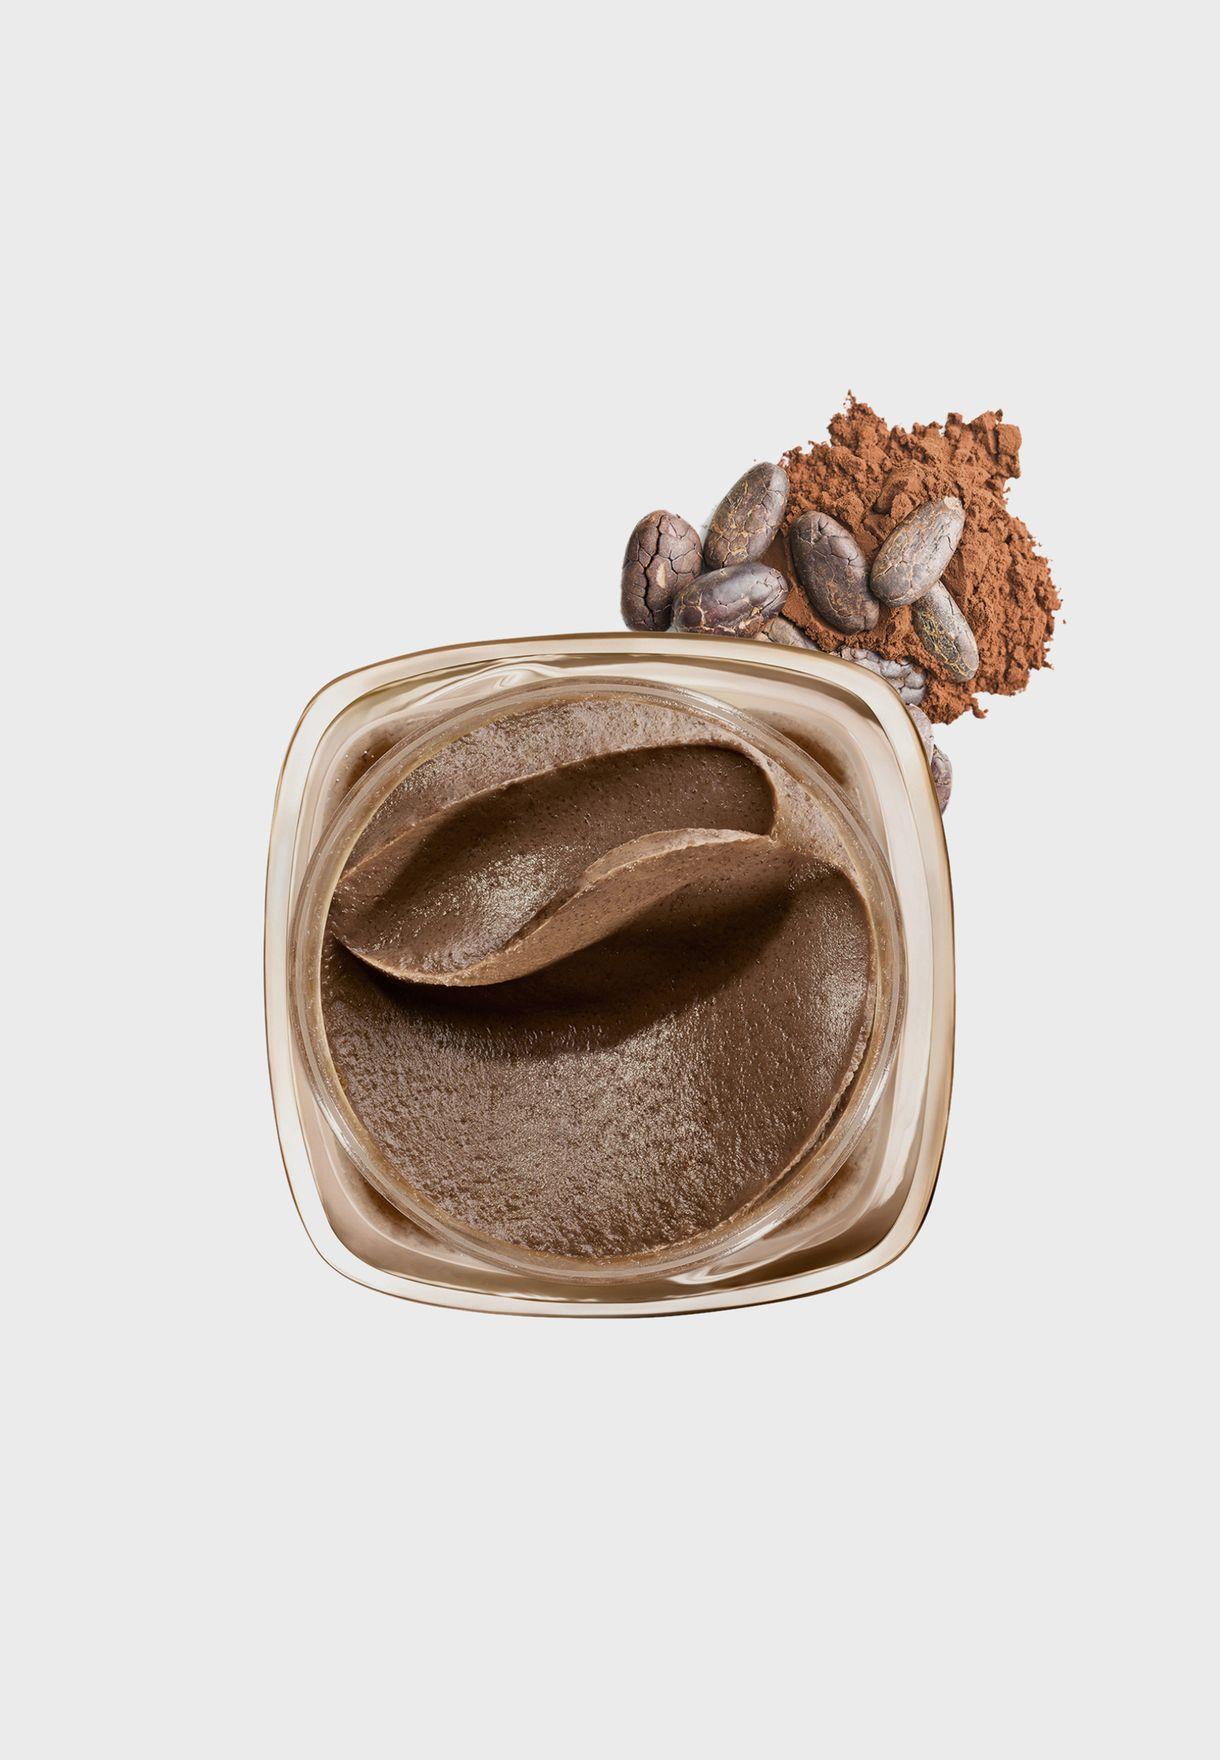 مجموعة عناية بالبشرة مع مقشرات ناعمة بالسكر، توفير 30%